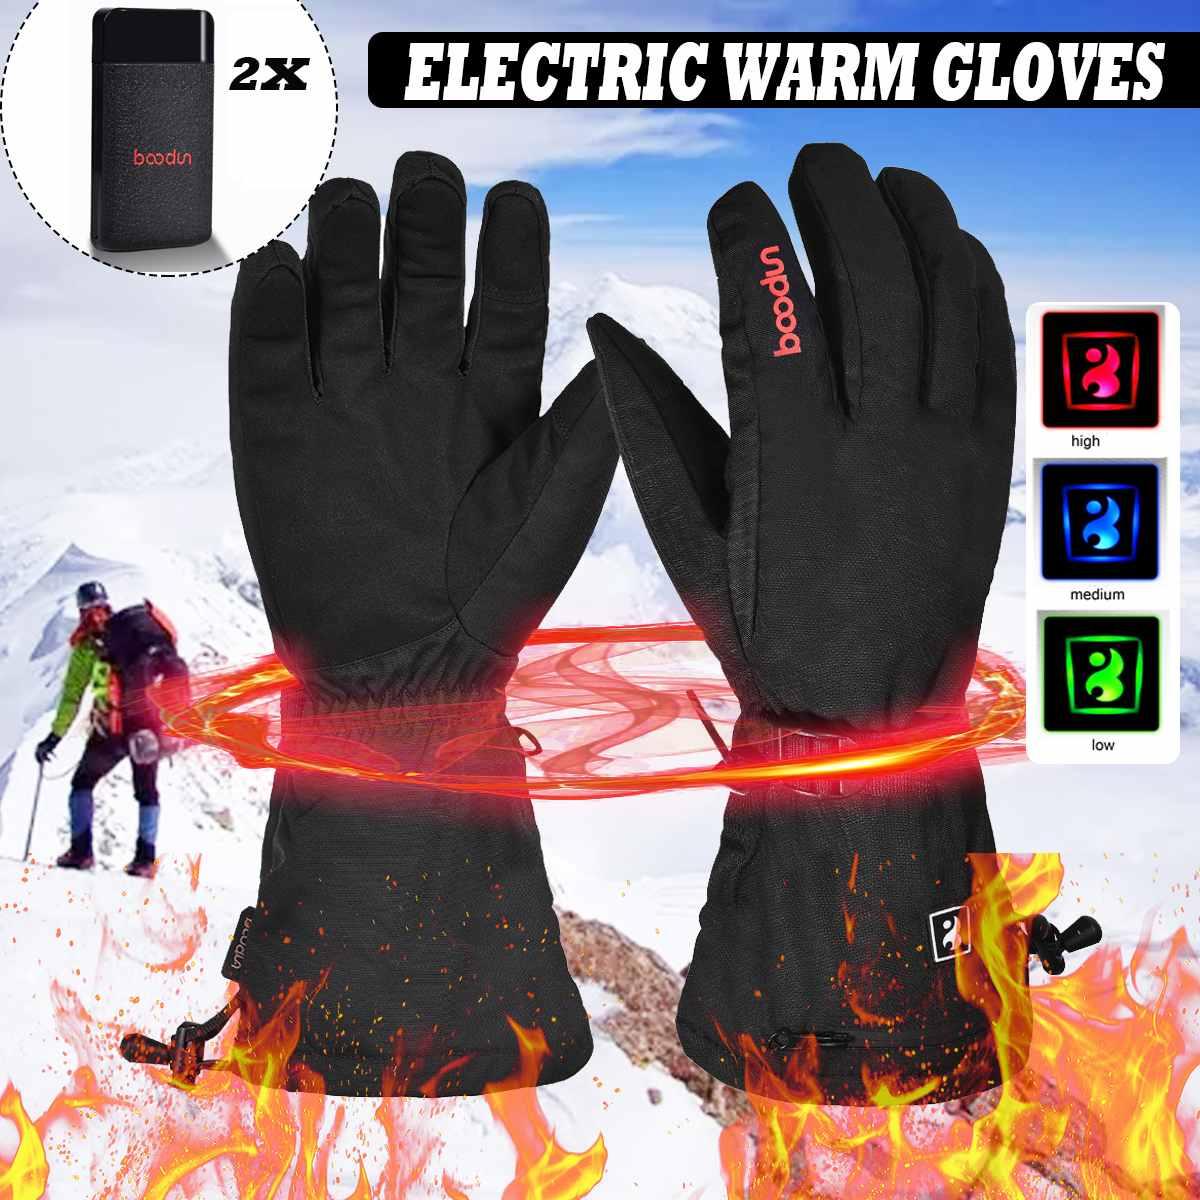 Gants de Ski imperméables thermiques électriques gants chauffants Snowboard motoneige gants hommes femmes gants d'hiver pour sonwboard